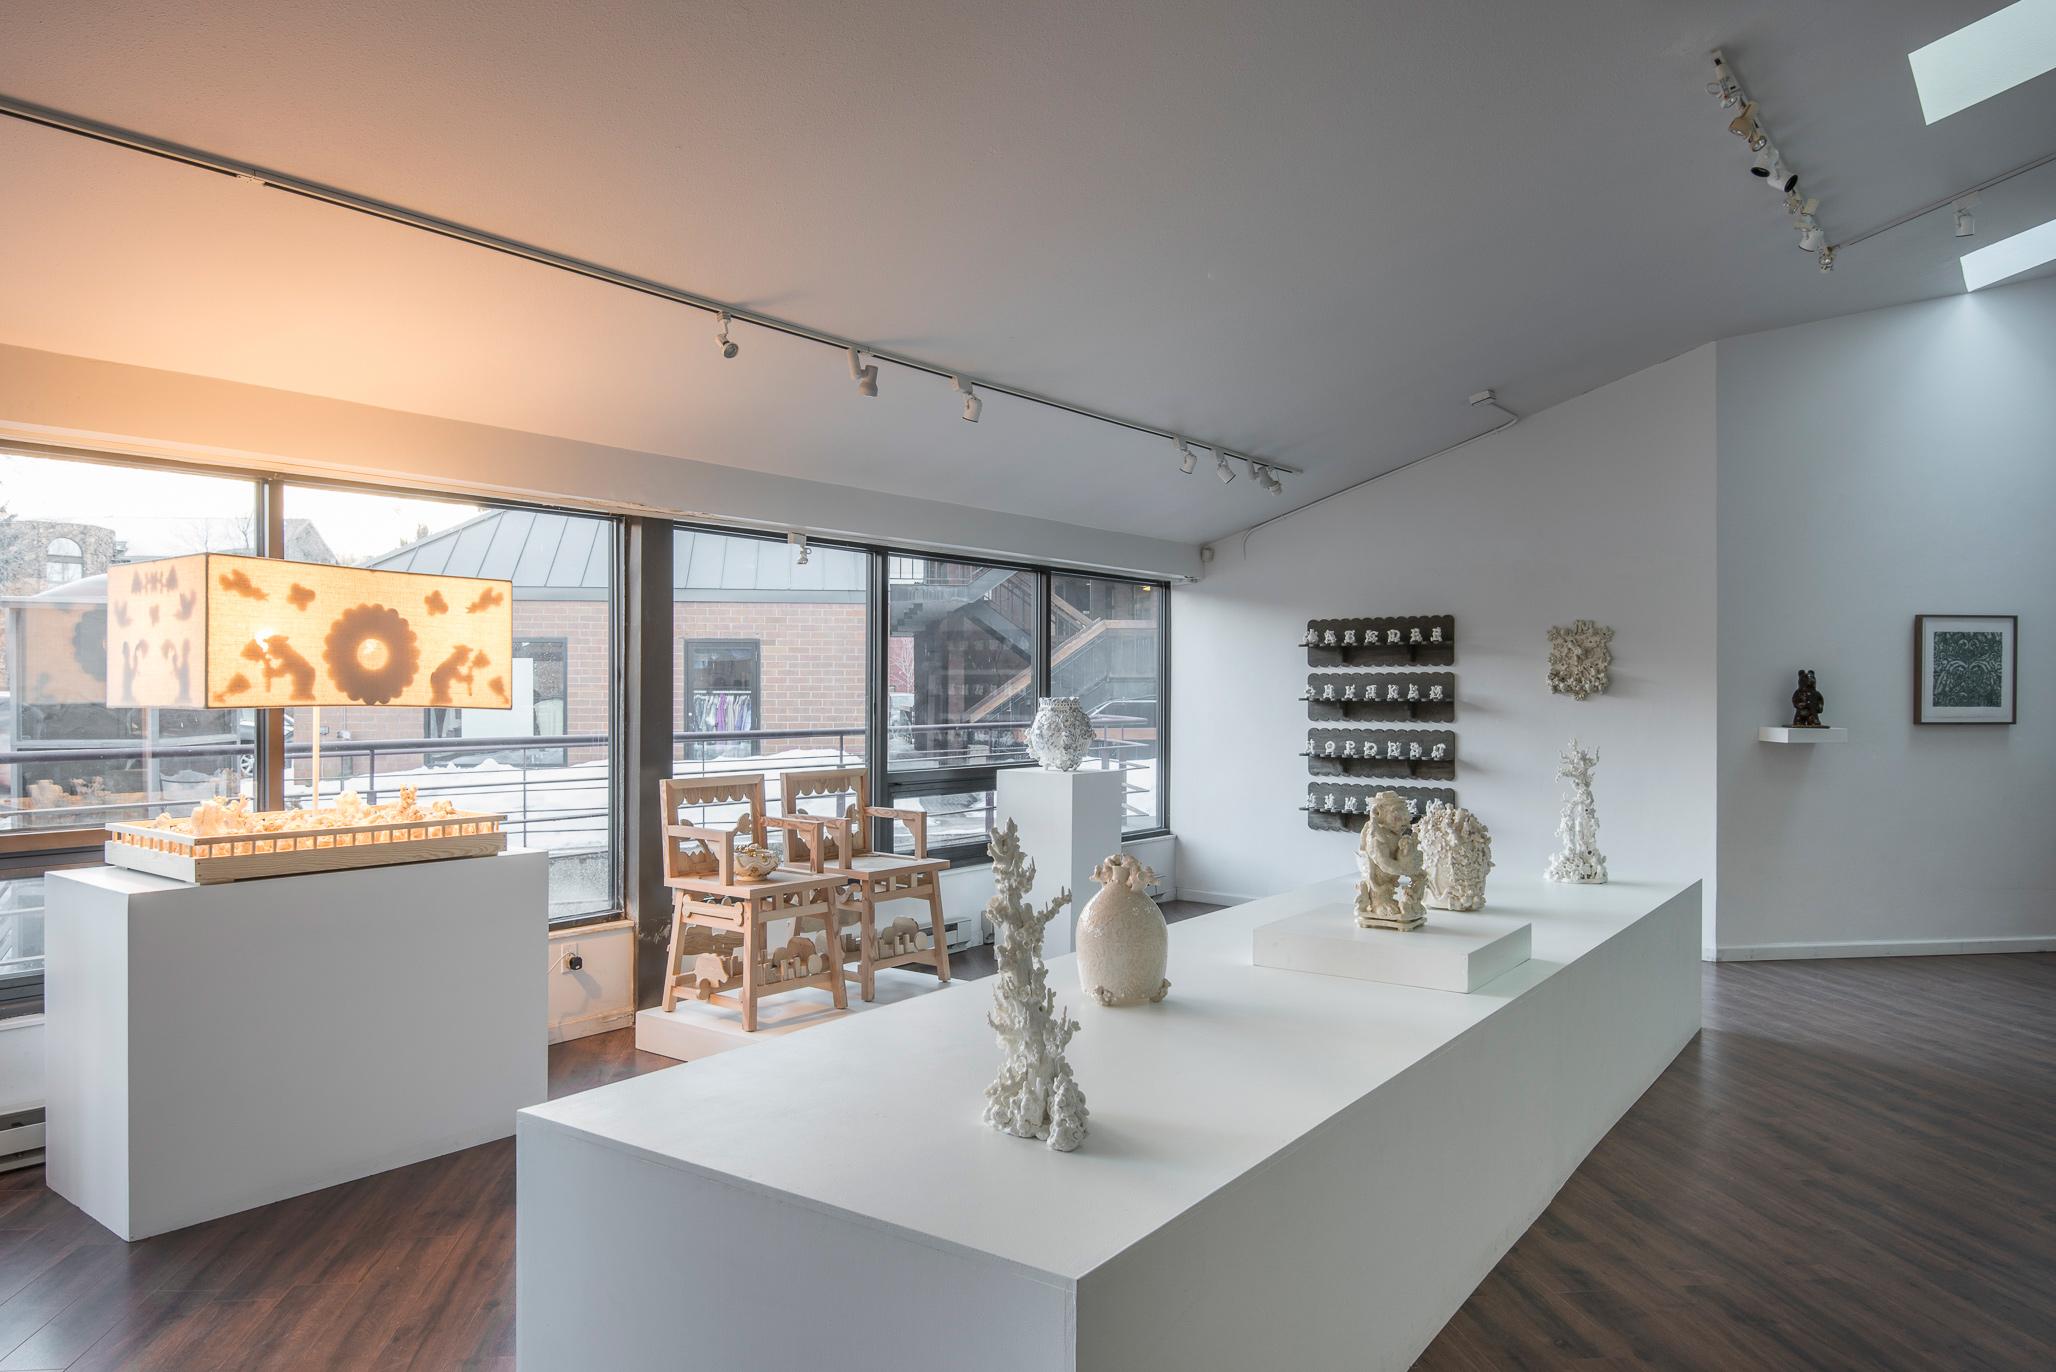 Installation view (Jeanne Quinn, Jeffry Mitchell)